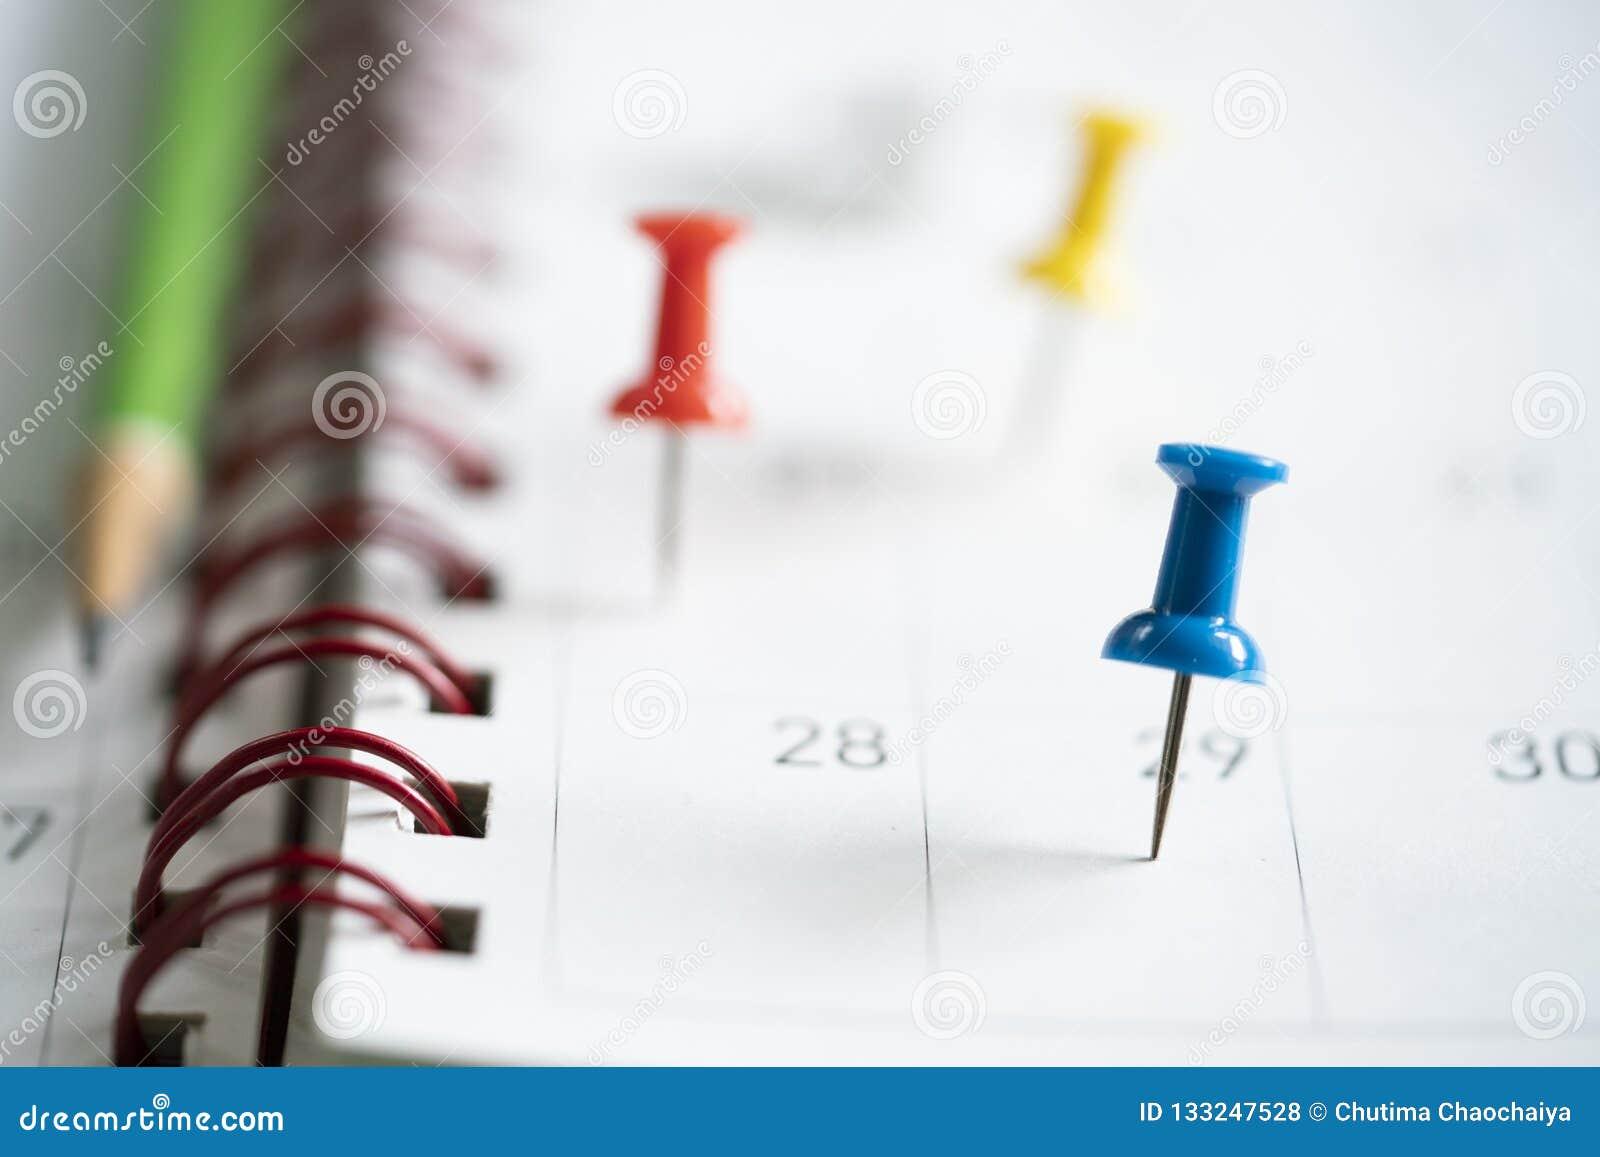 Schließen Sie oben vom Stift und vom Bleistift auf Kalender